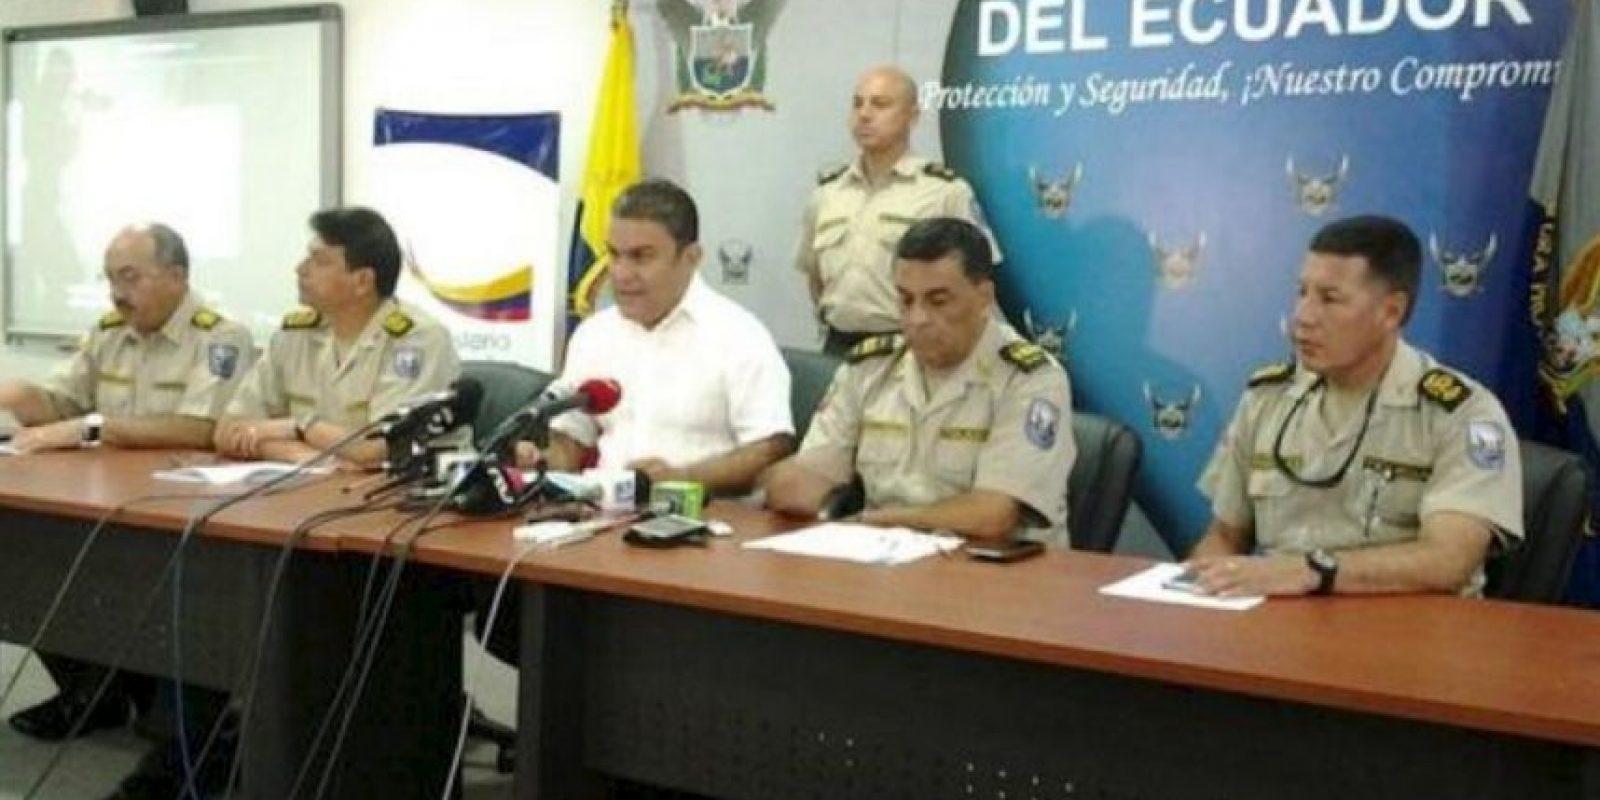 7. La policía de Ecuador comparte esta casilla. Foto:Twitter @PoliciaEcuador